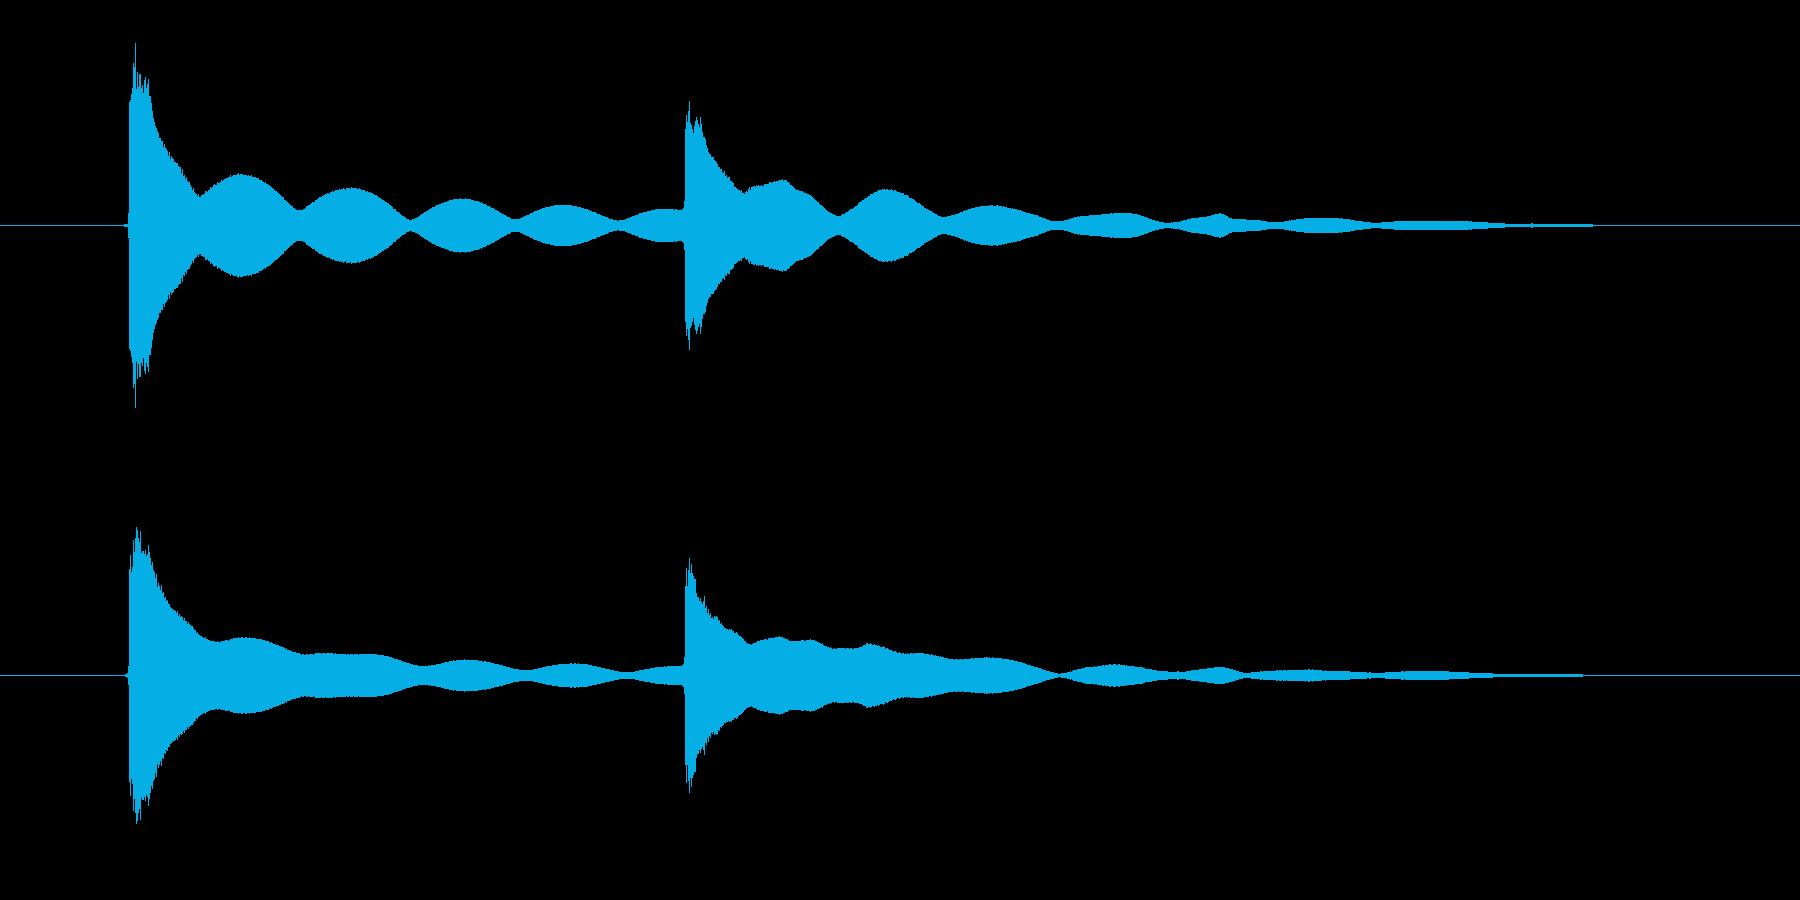 チーン!仏壇、おりんの音の再生済みの波形